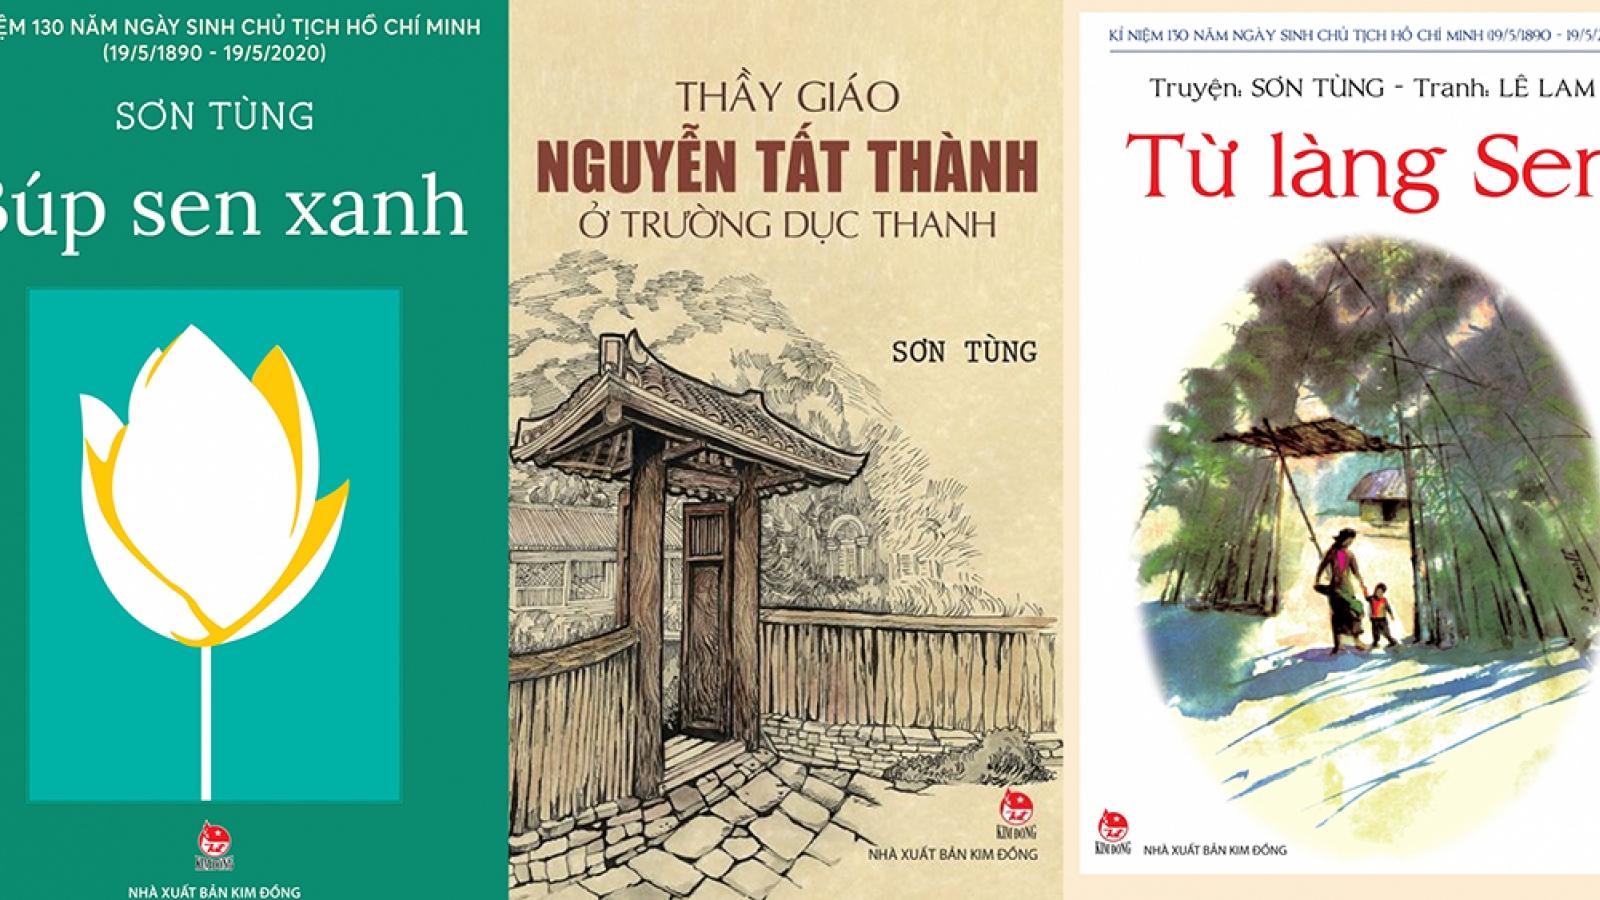 Những tác phẩm đặc sắc của nhà văn Sơn Tùng viết về Chủ tịch Hồ Chí Minh